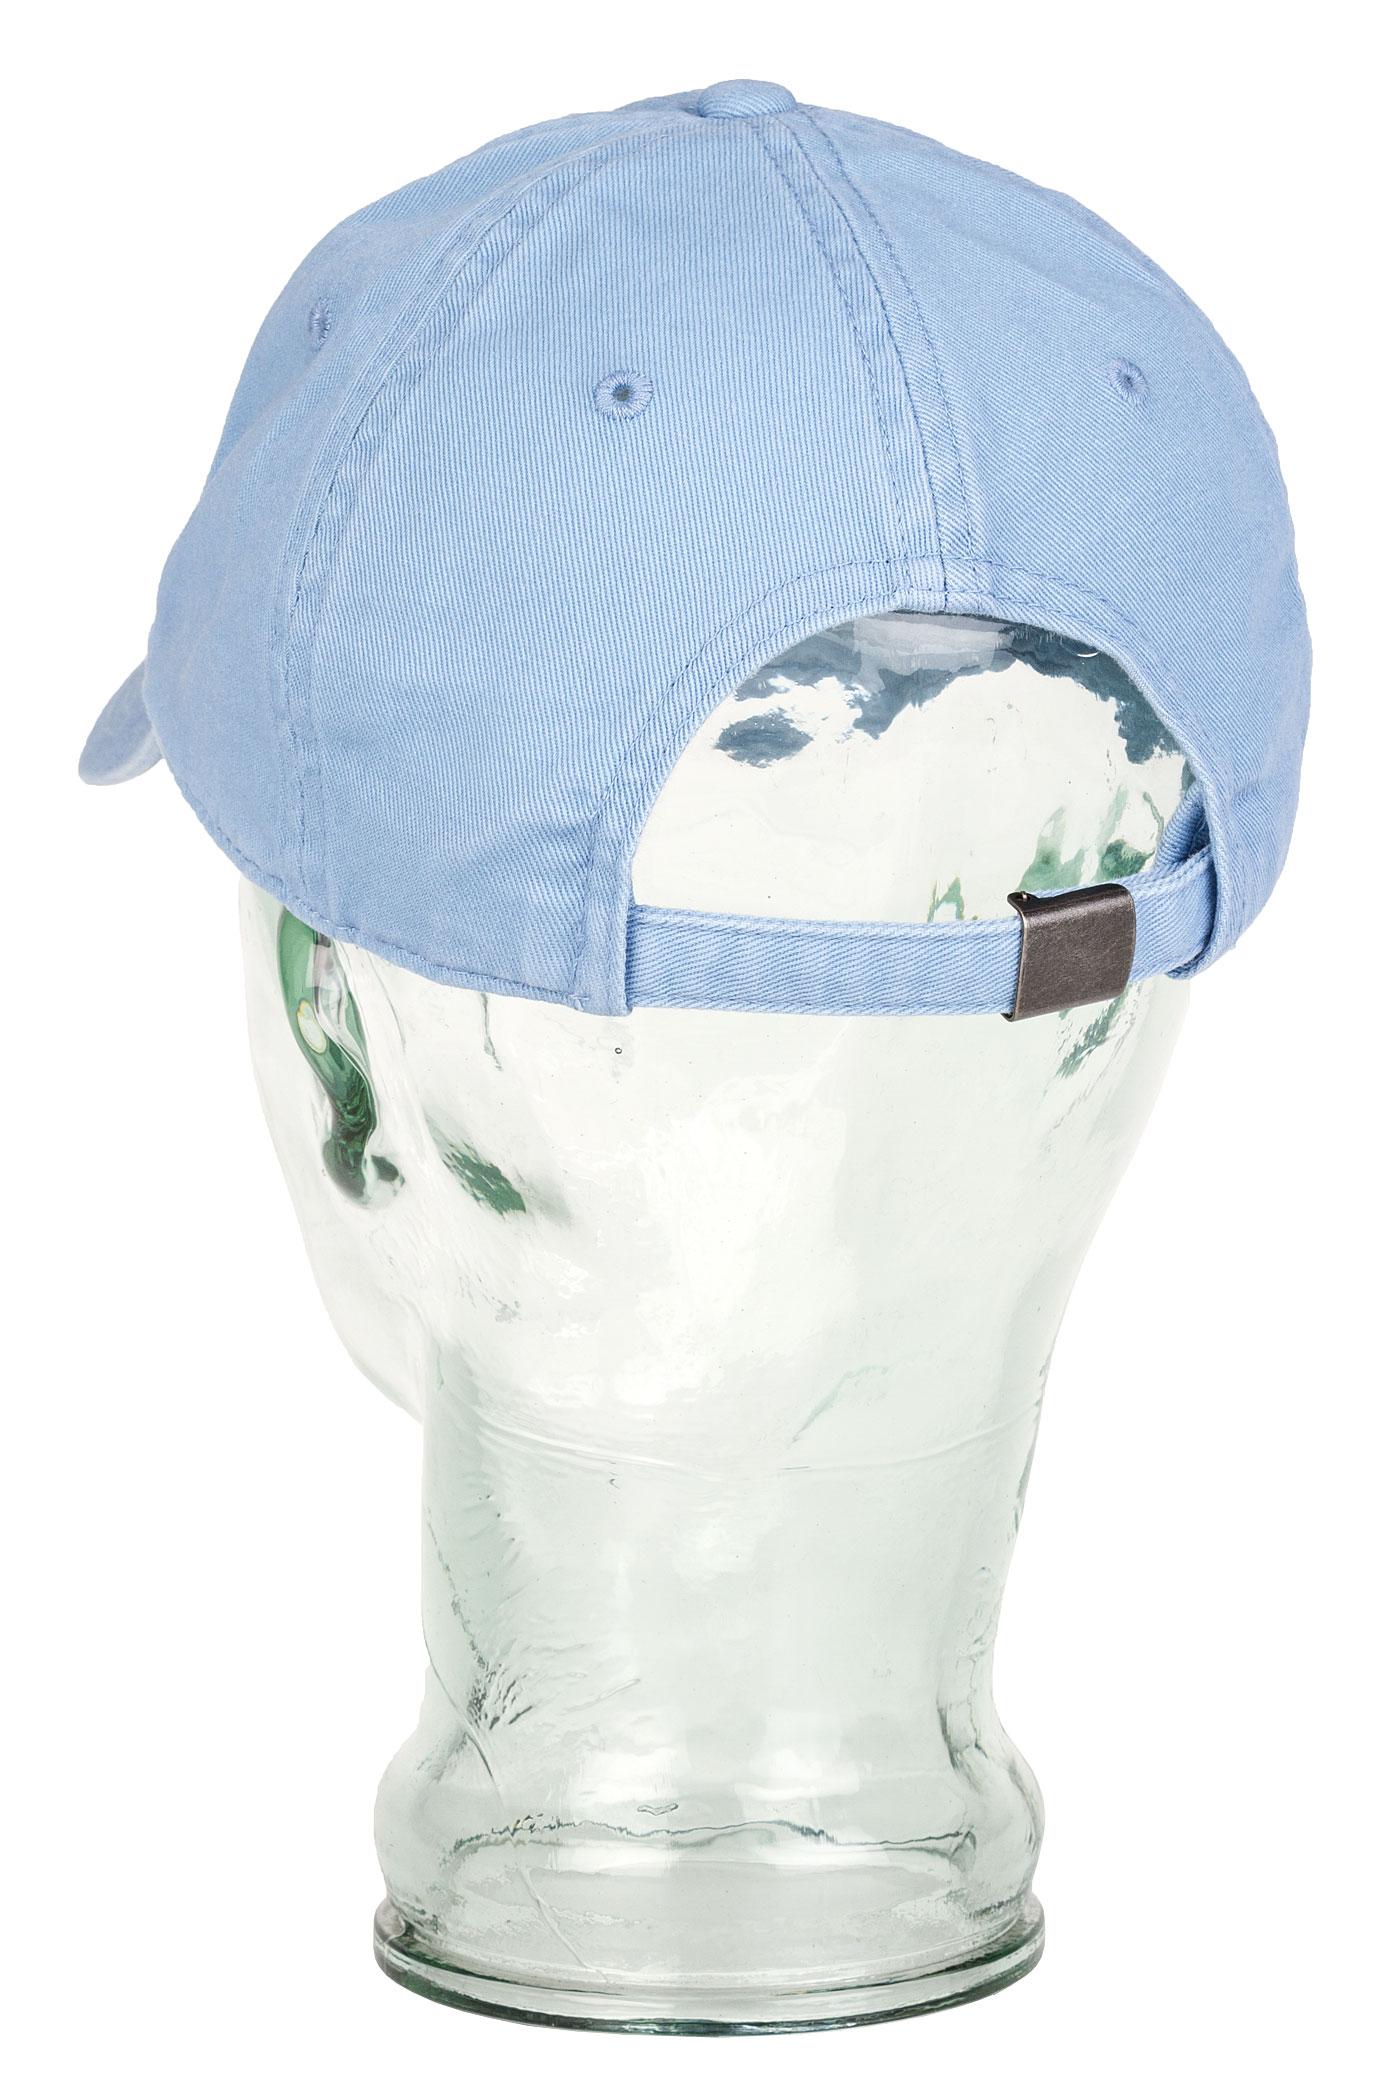 fa2792f355c Carhartt WIP Major 6 Panel Cap (glacier white) buy at skatedeluxe